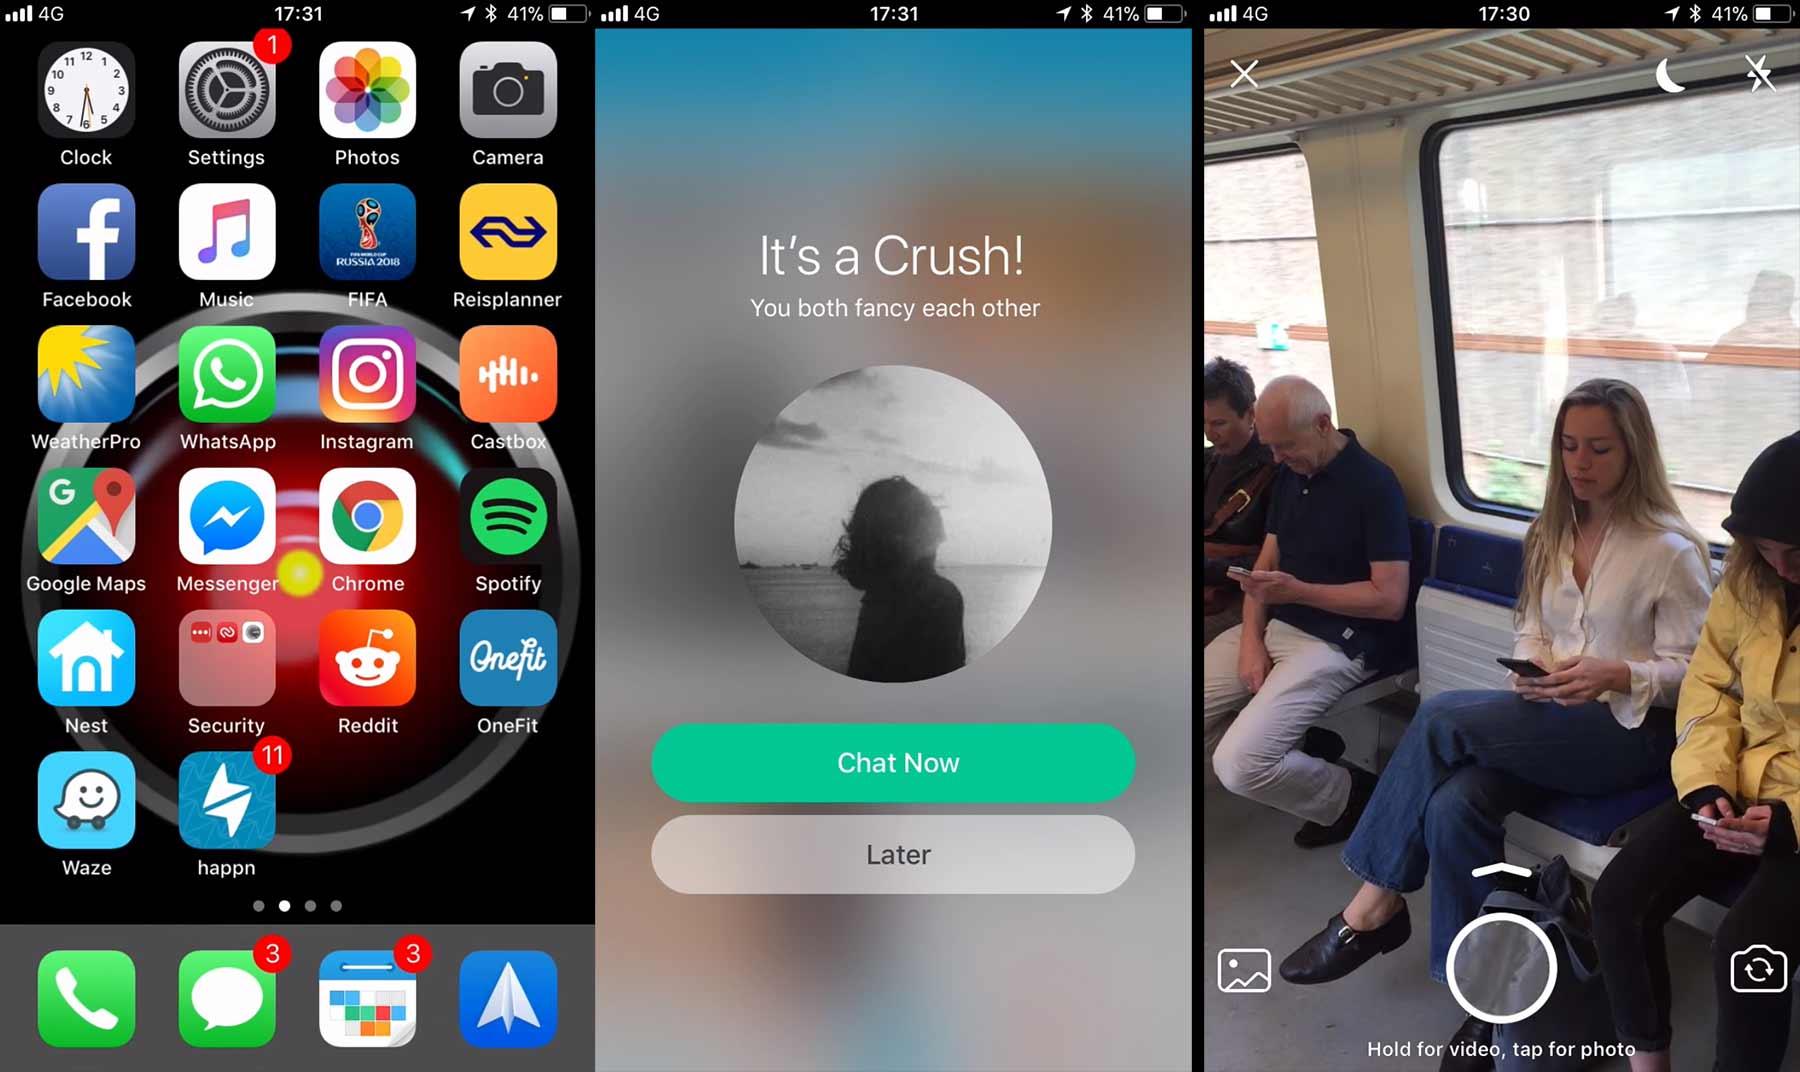 Smartphone-Kurzfilm übers Online-Dating auf Zugreise MarkyMark87-smartphone-film